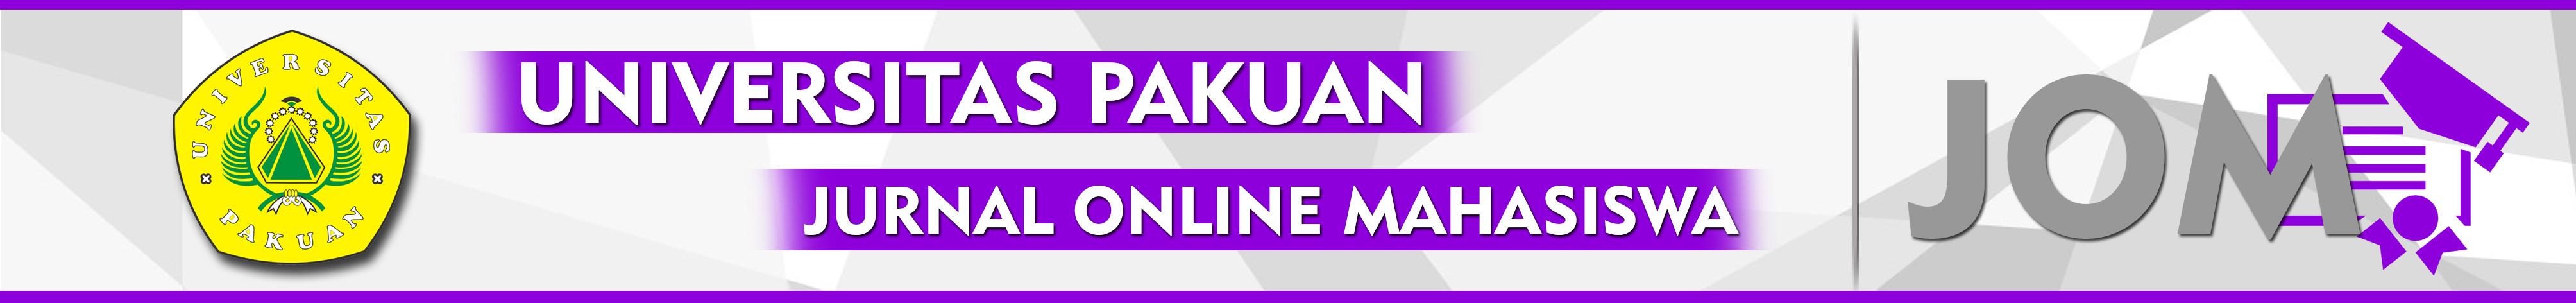 JURNAL ONLINE MAHASIWA PAKUAN